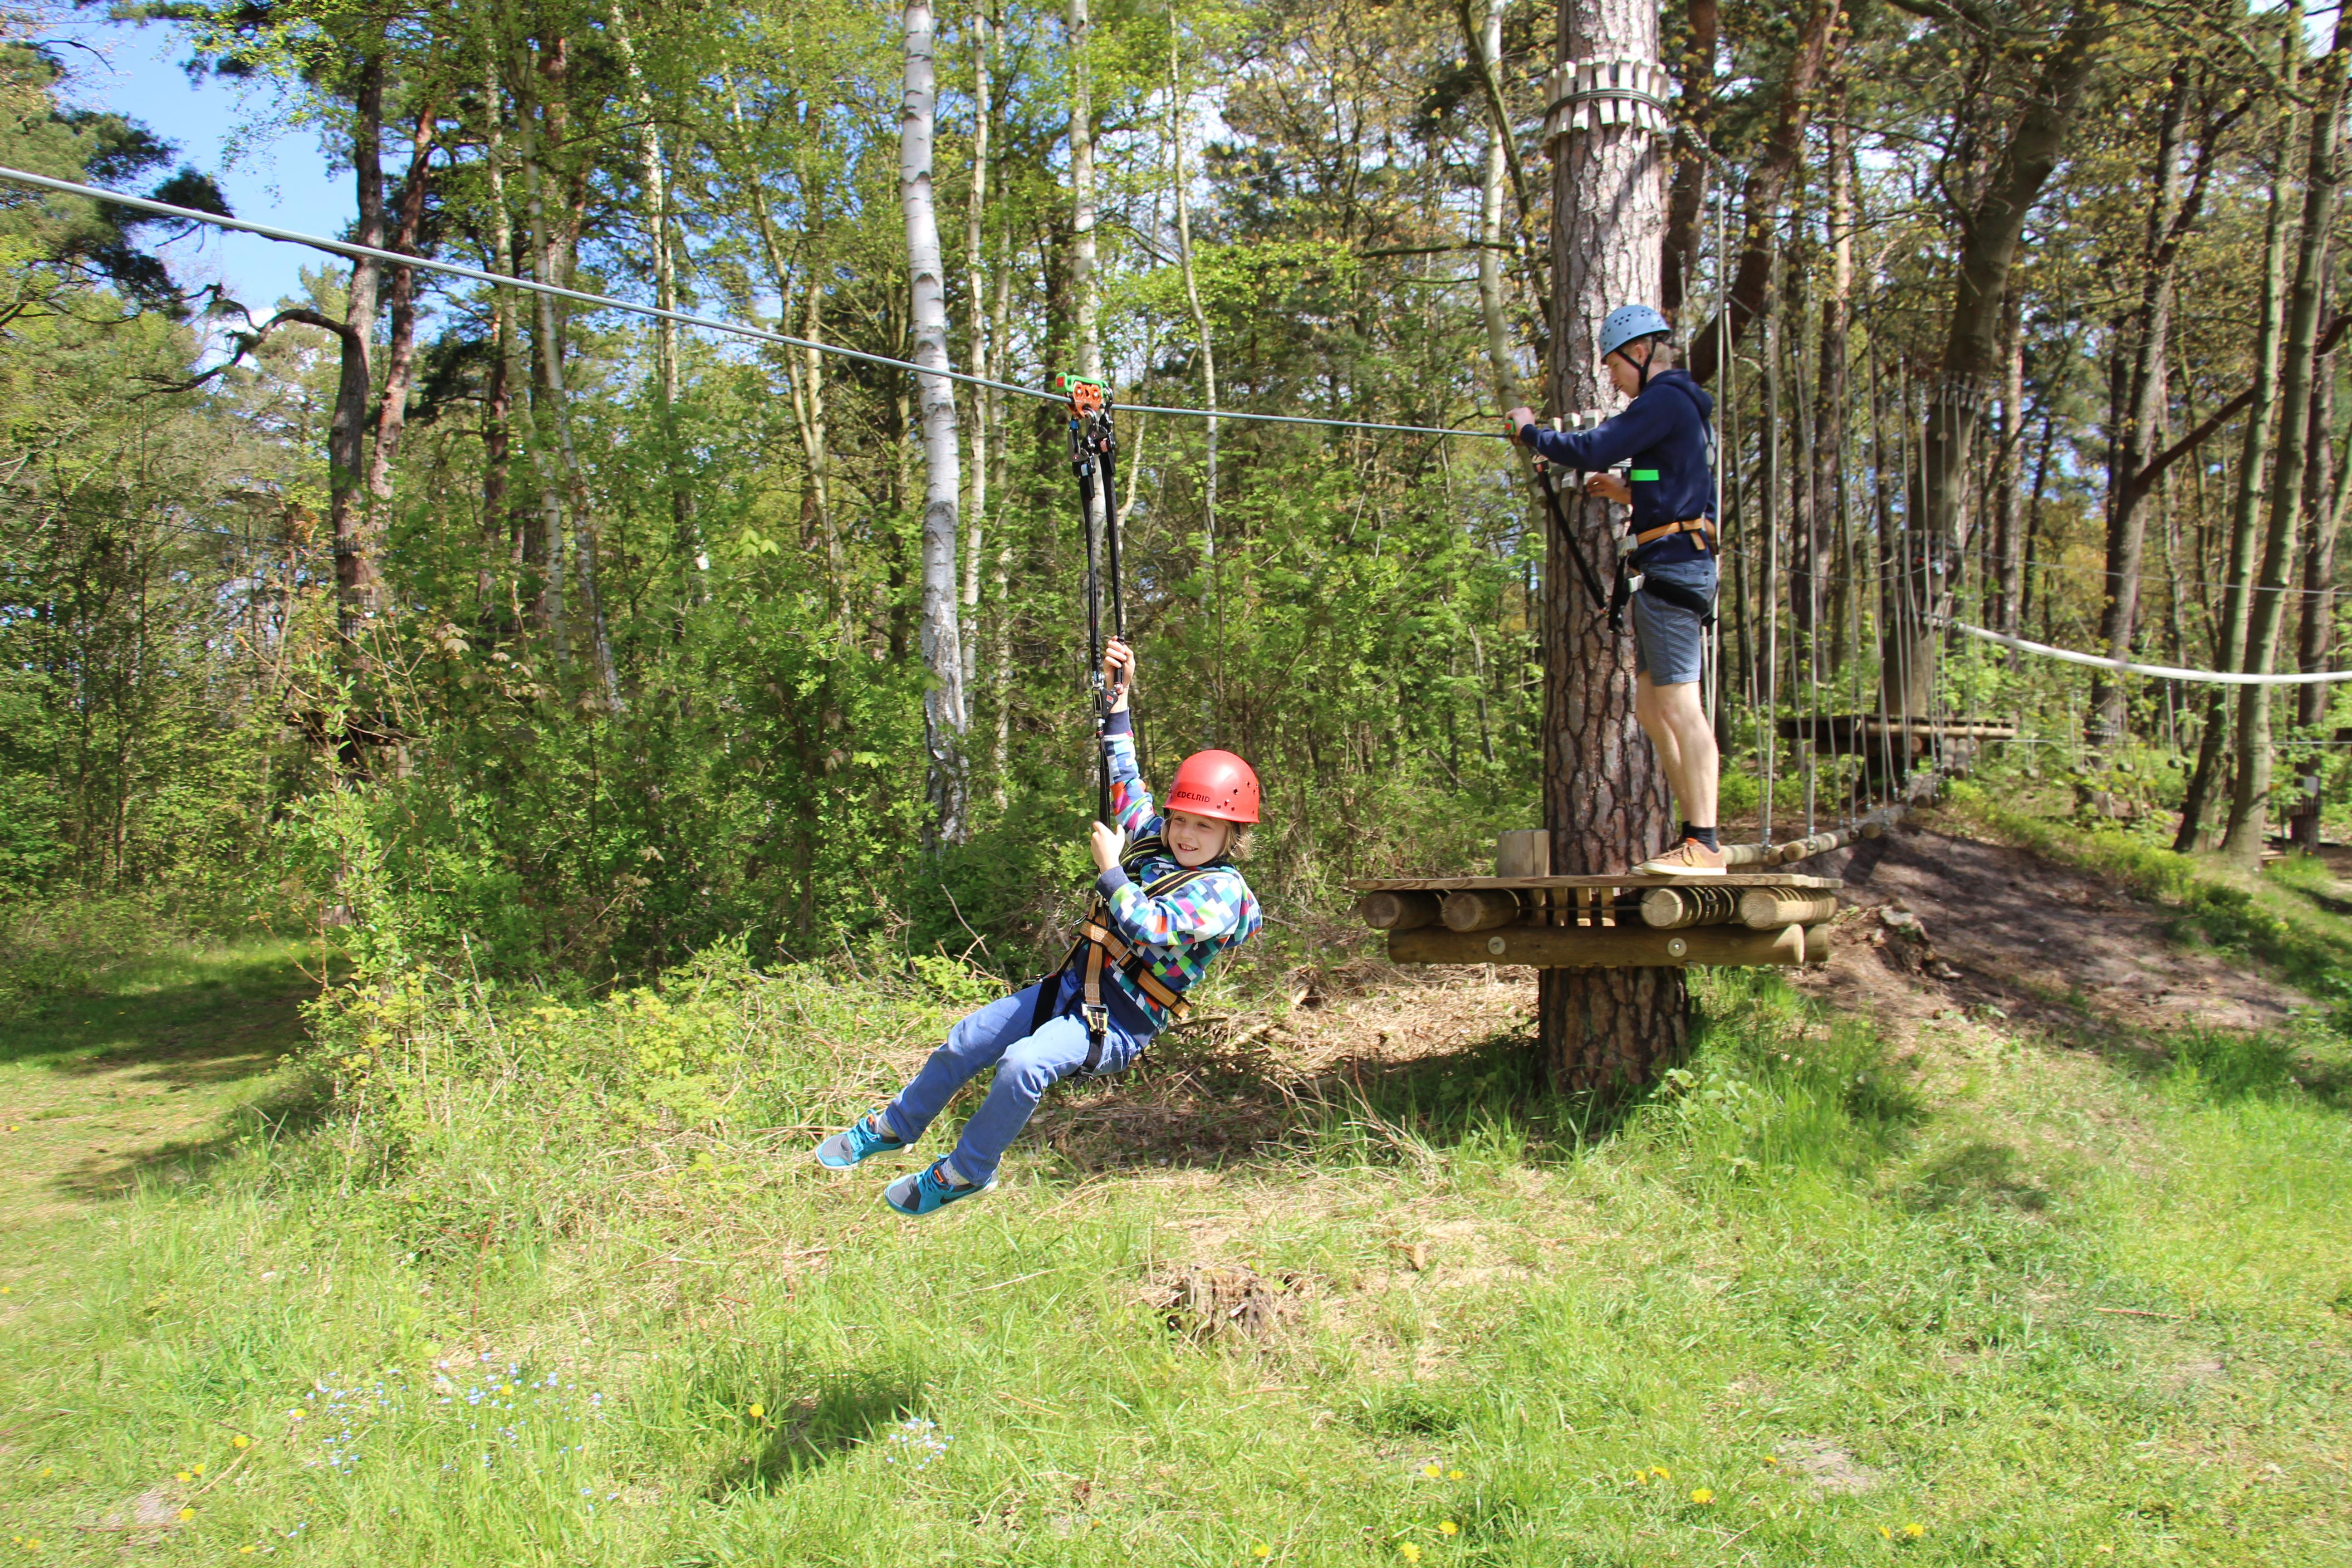 Mädchen in Seilbahn in Parcours 4 im Kletterwald in BinzProra